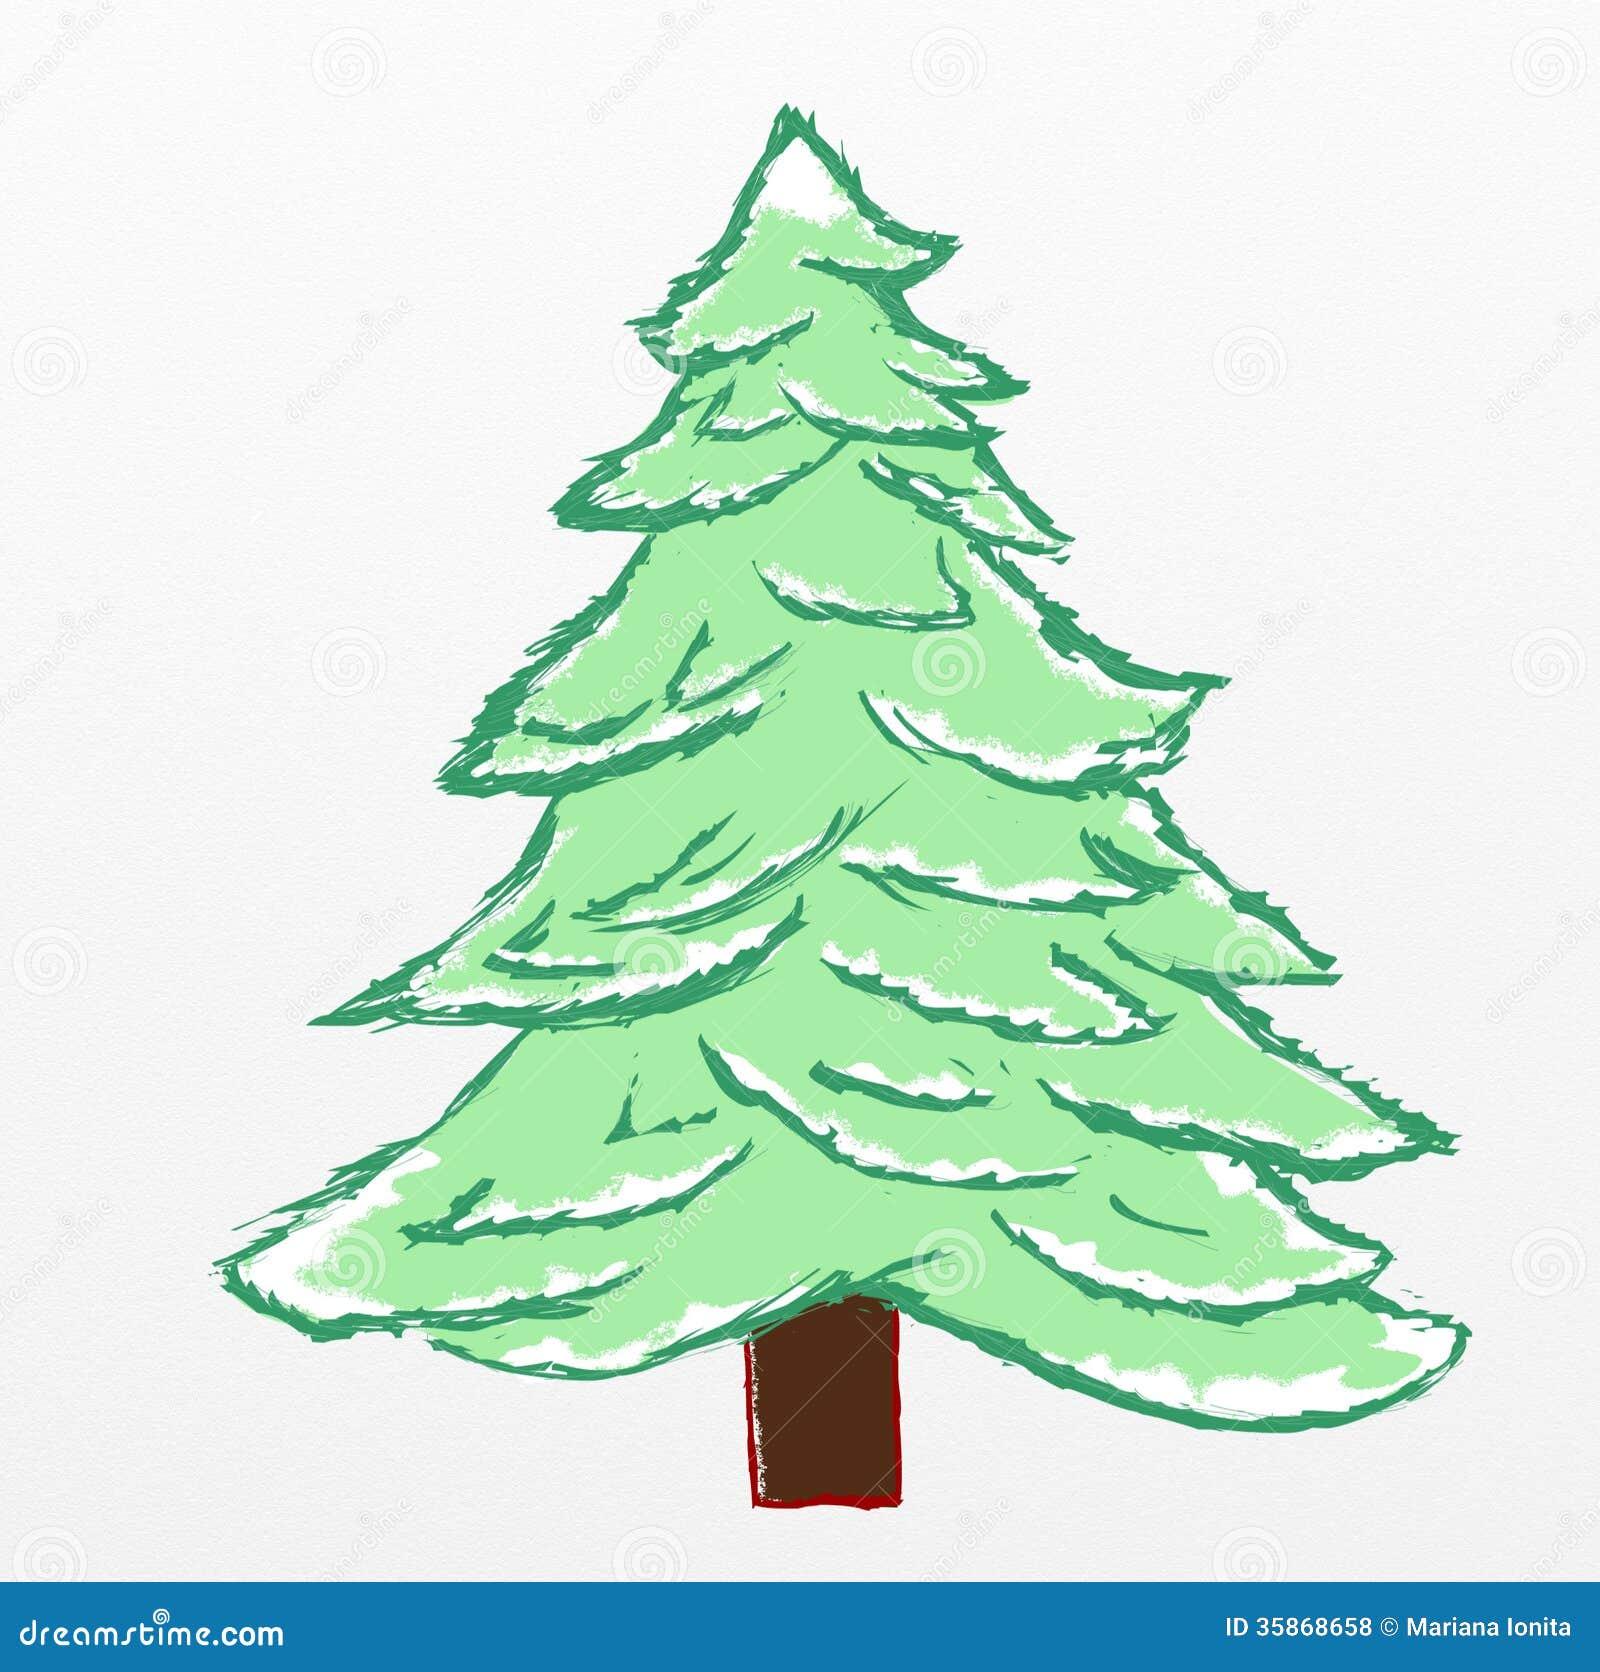 Uncategorized Pine Tree Sketch christmas tree sketch royalty free stock photos image 35840178 photos